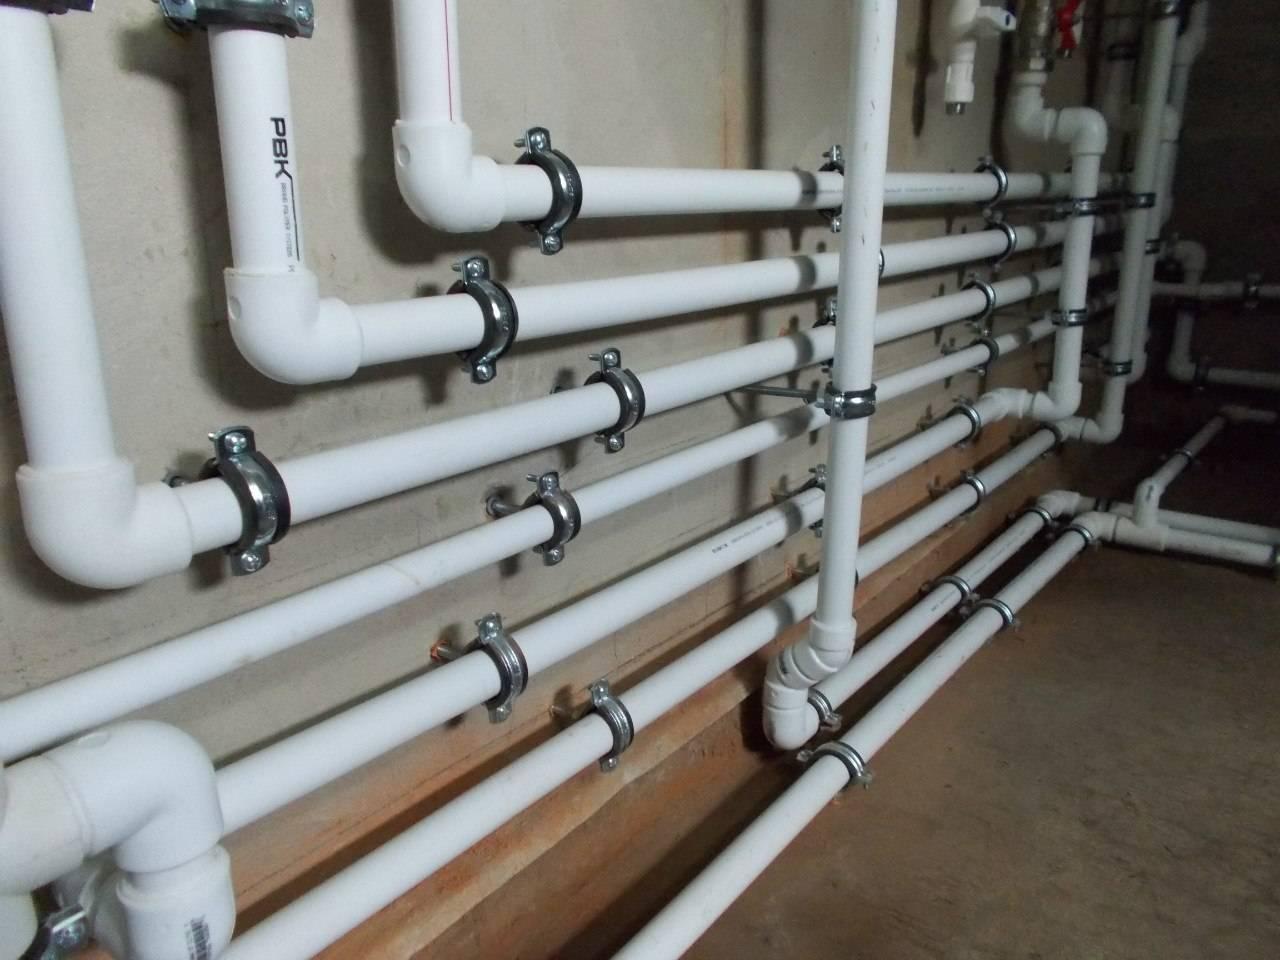 11 советов, какие трубы для отопления лучше выбрать: материал, диаметр | строительный блог вити петрова